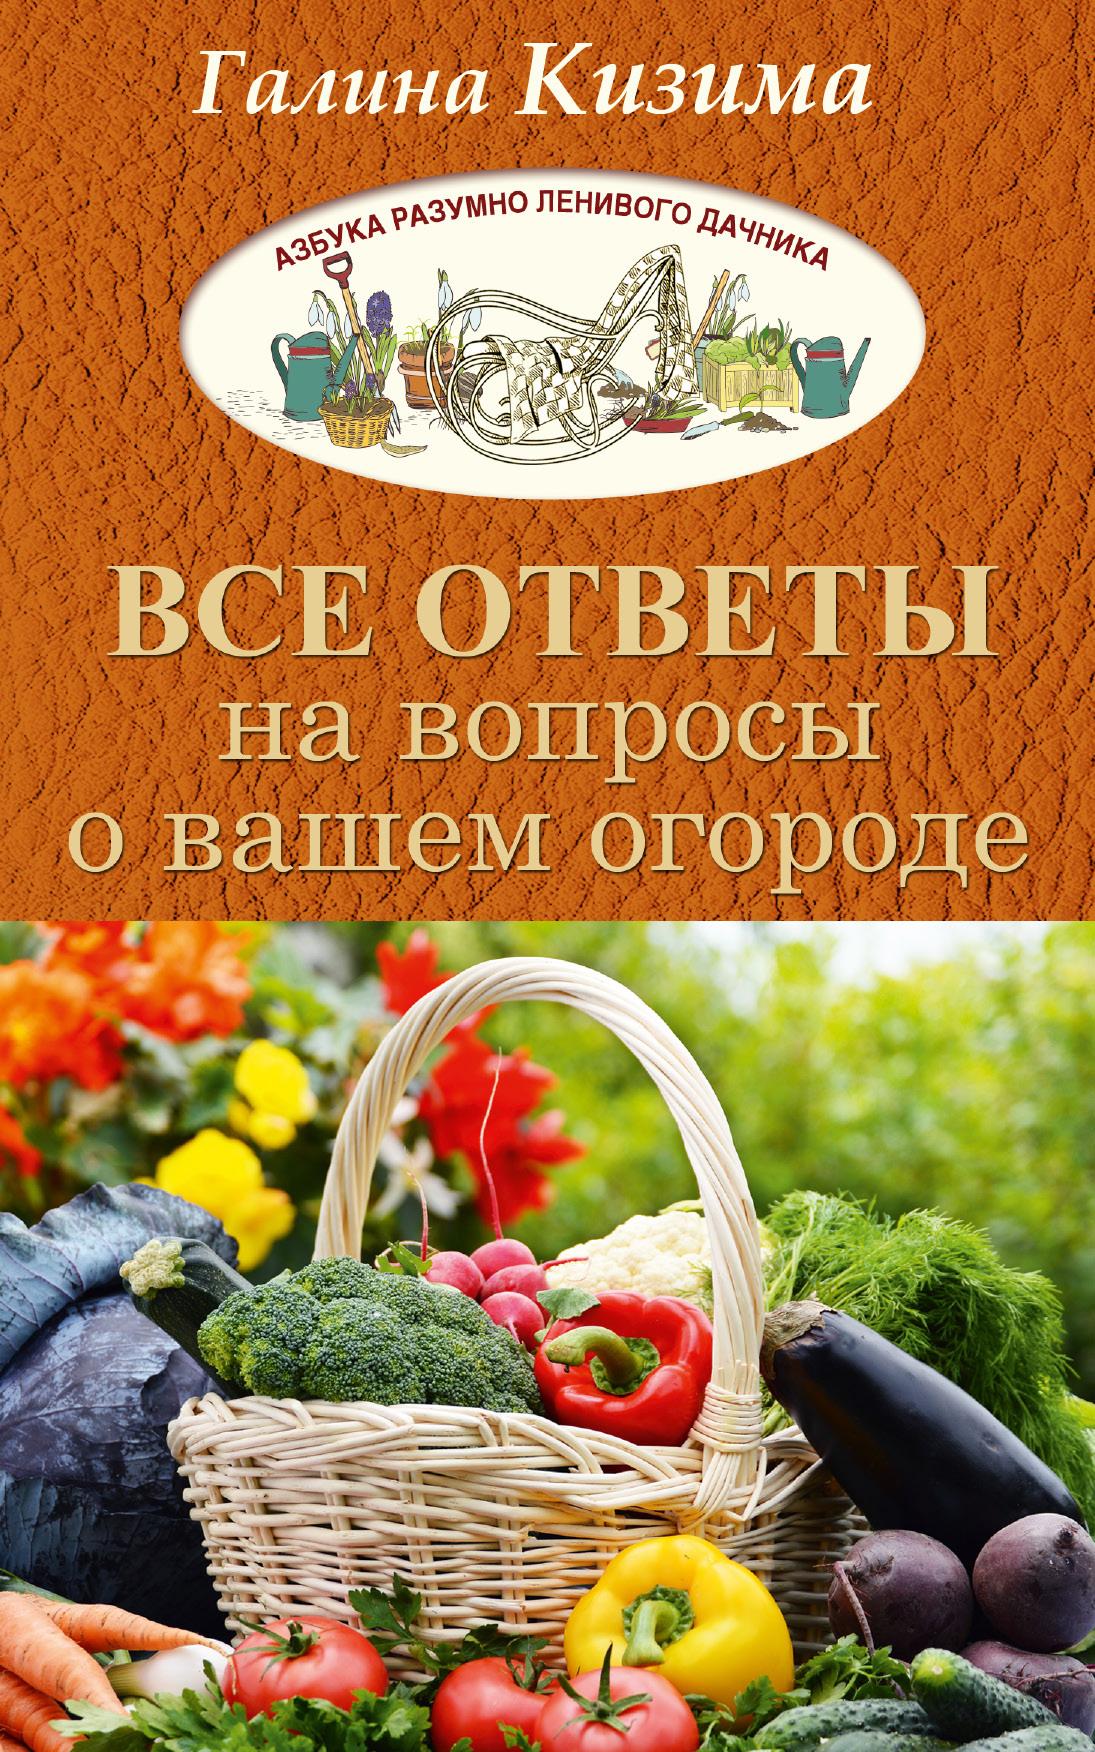 купить Галина Кизима Все ответы на вопросы о вашем огороде по цене 79.9 рублей